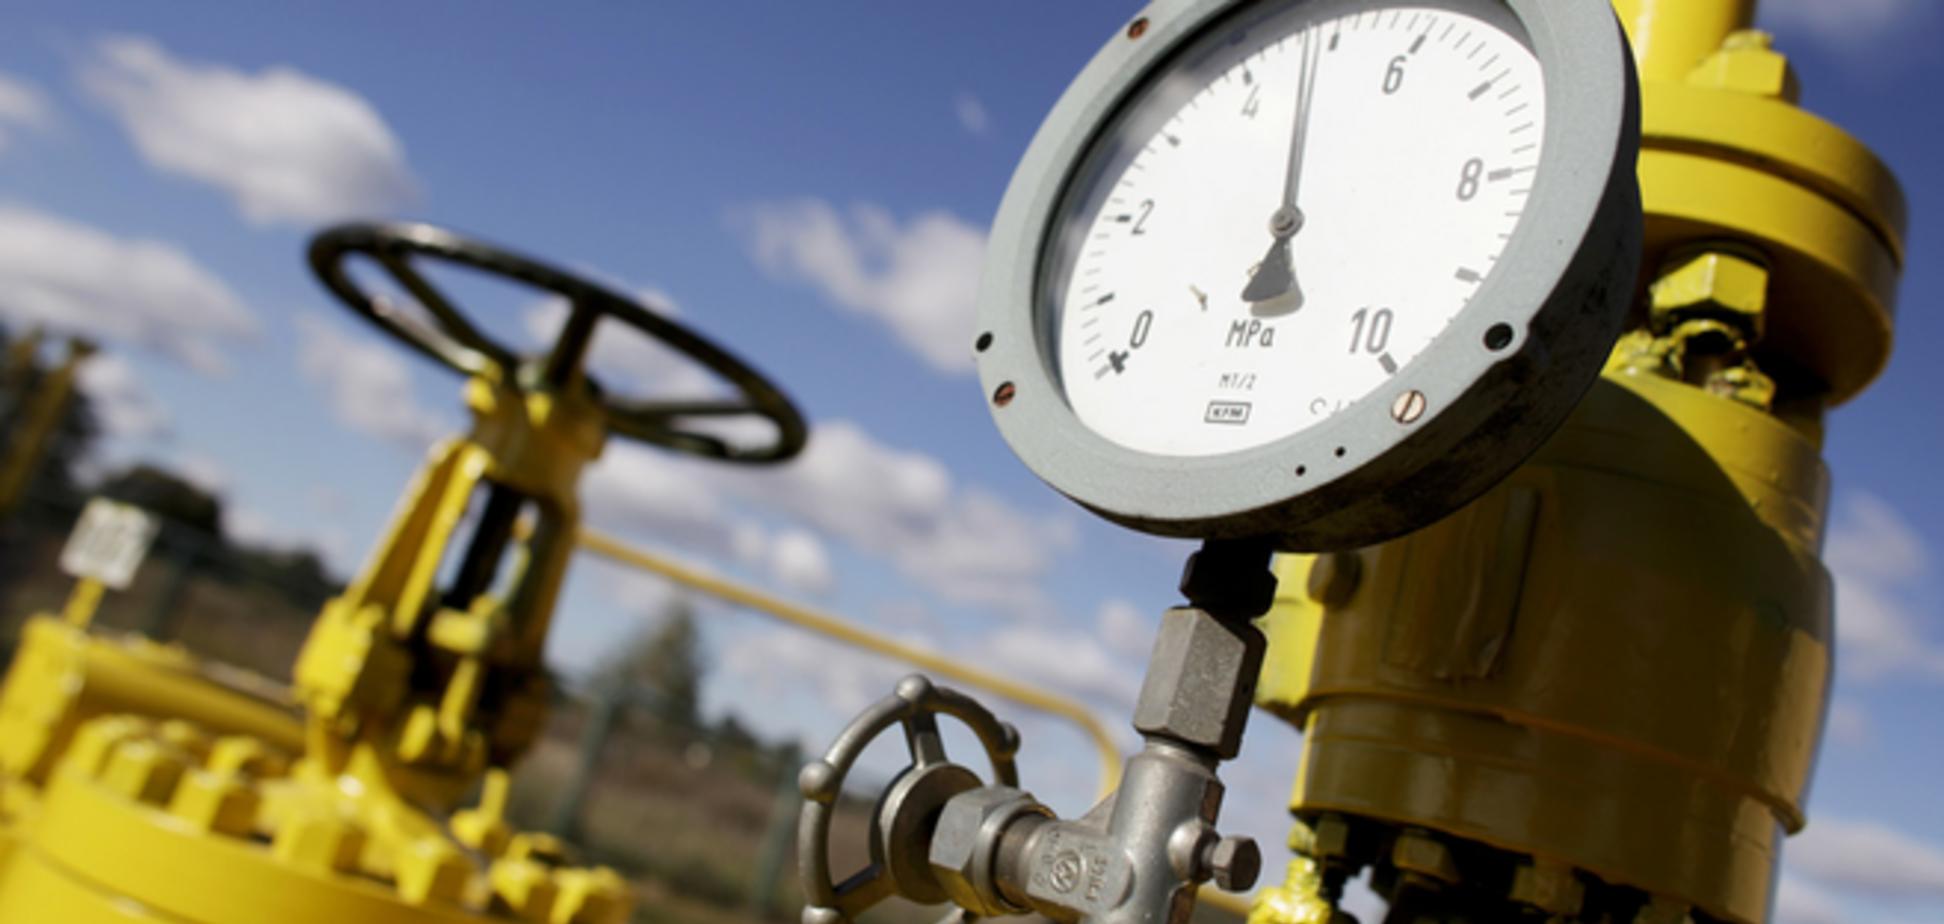 ЄС вирішив допомогти Польщі позбутися газового 'гачка' Росії